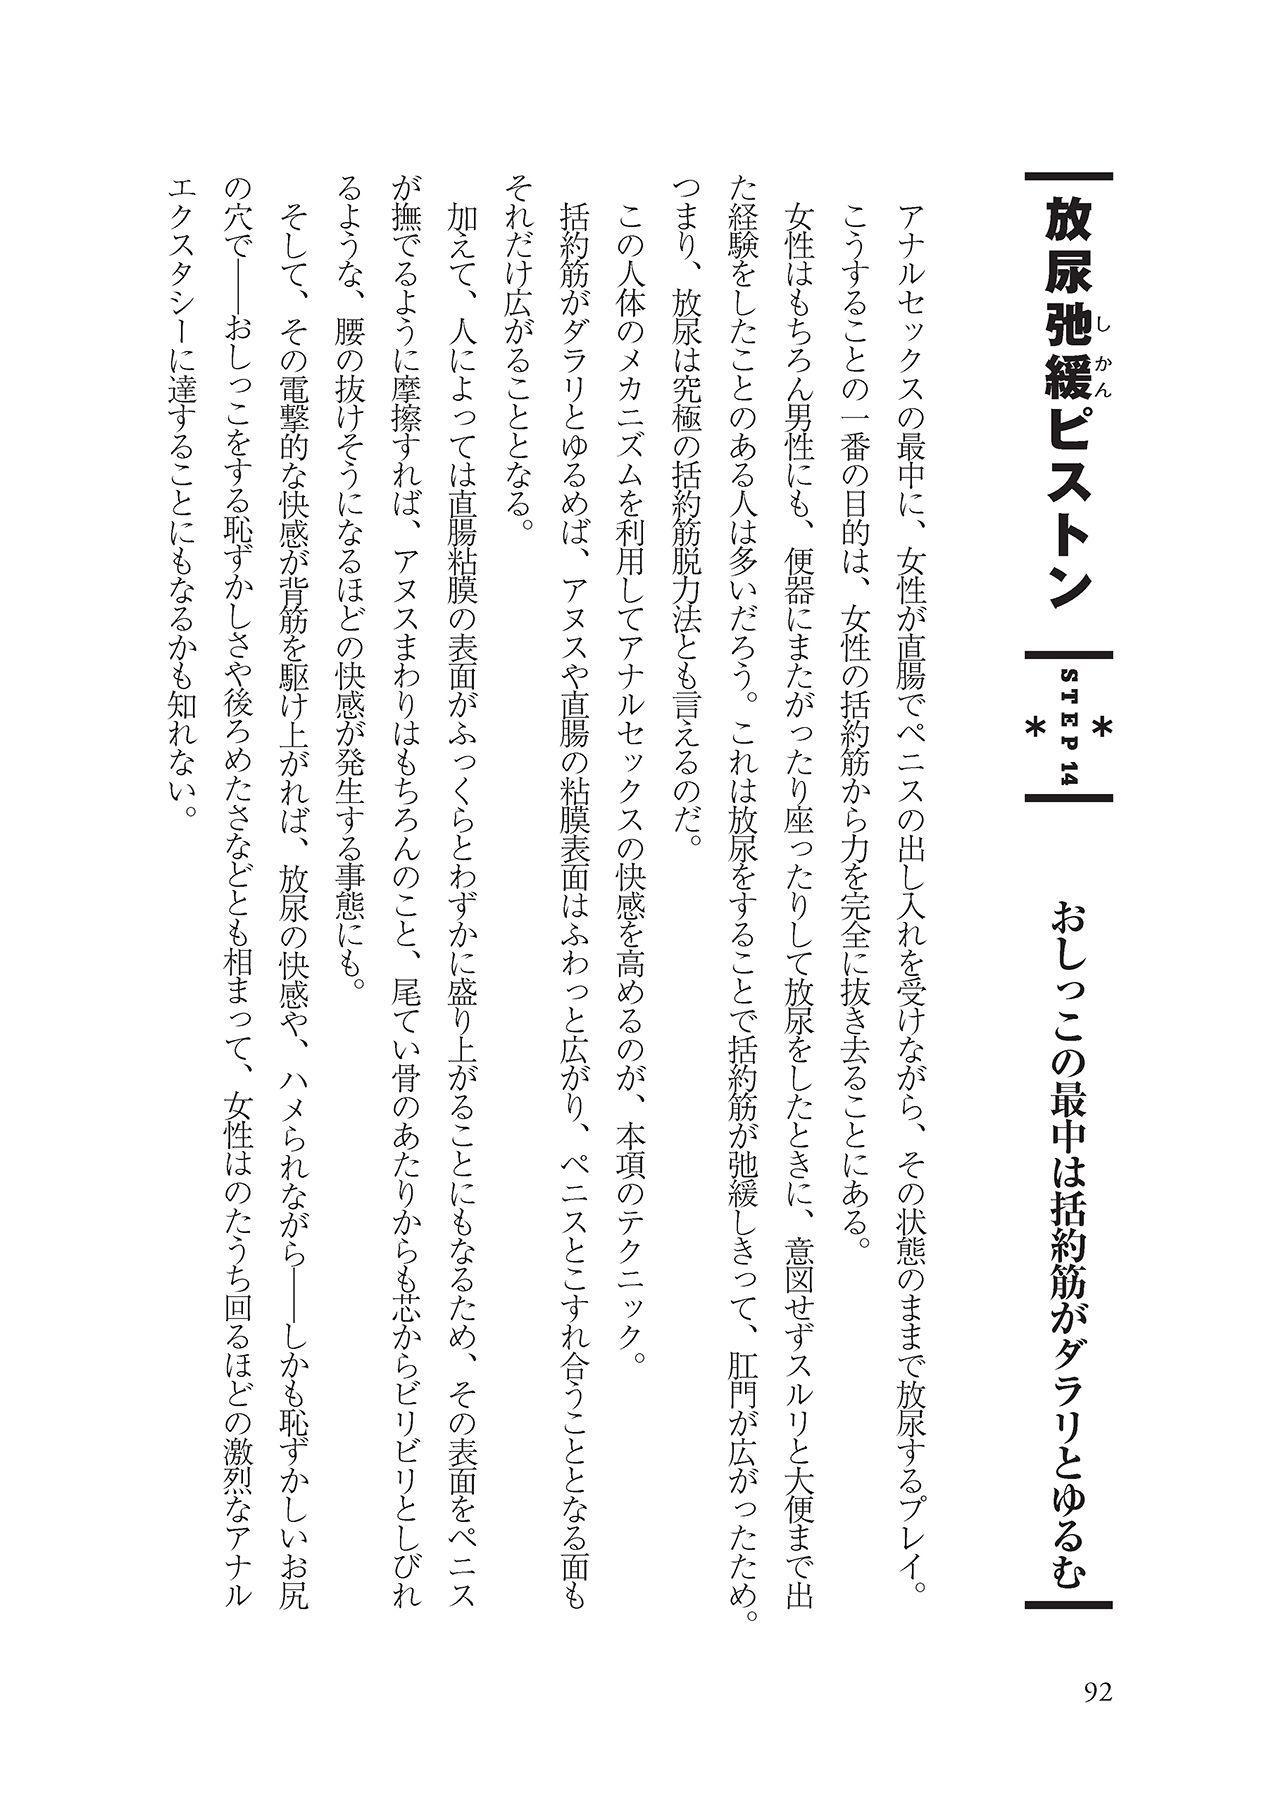 アナル性感開発・お尻エッチ 完全マニュアル 93